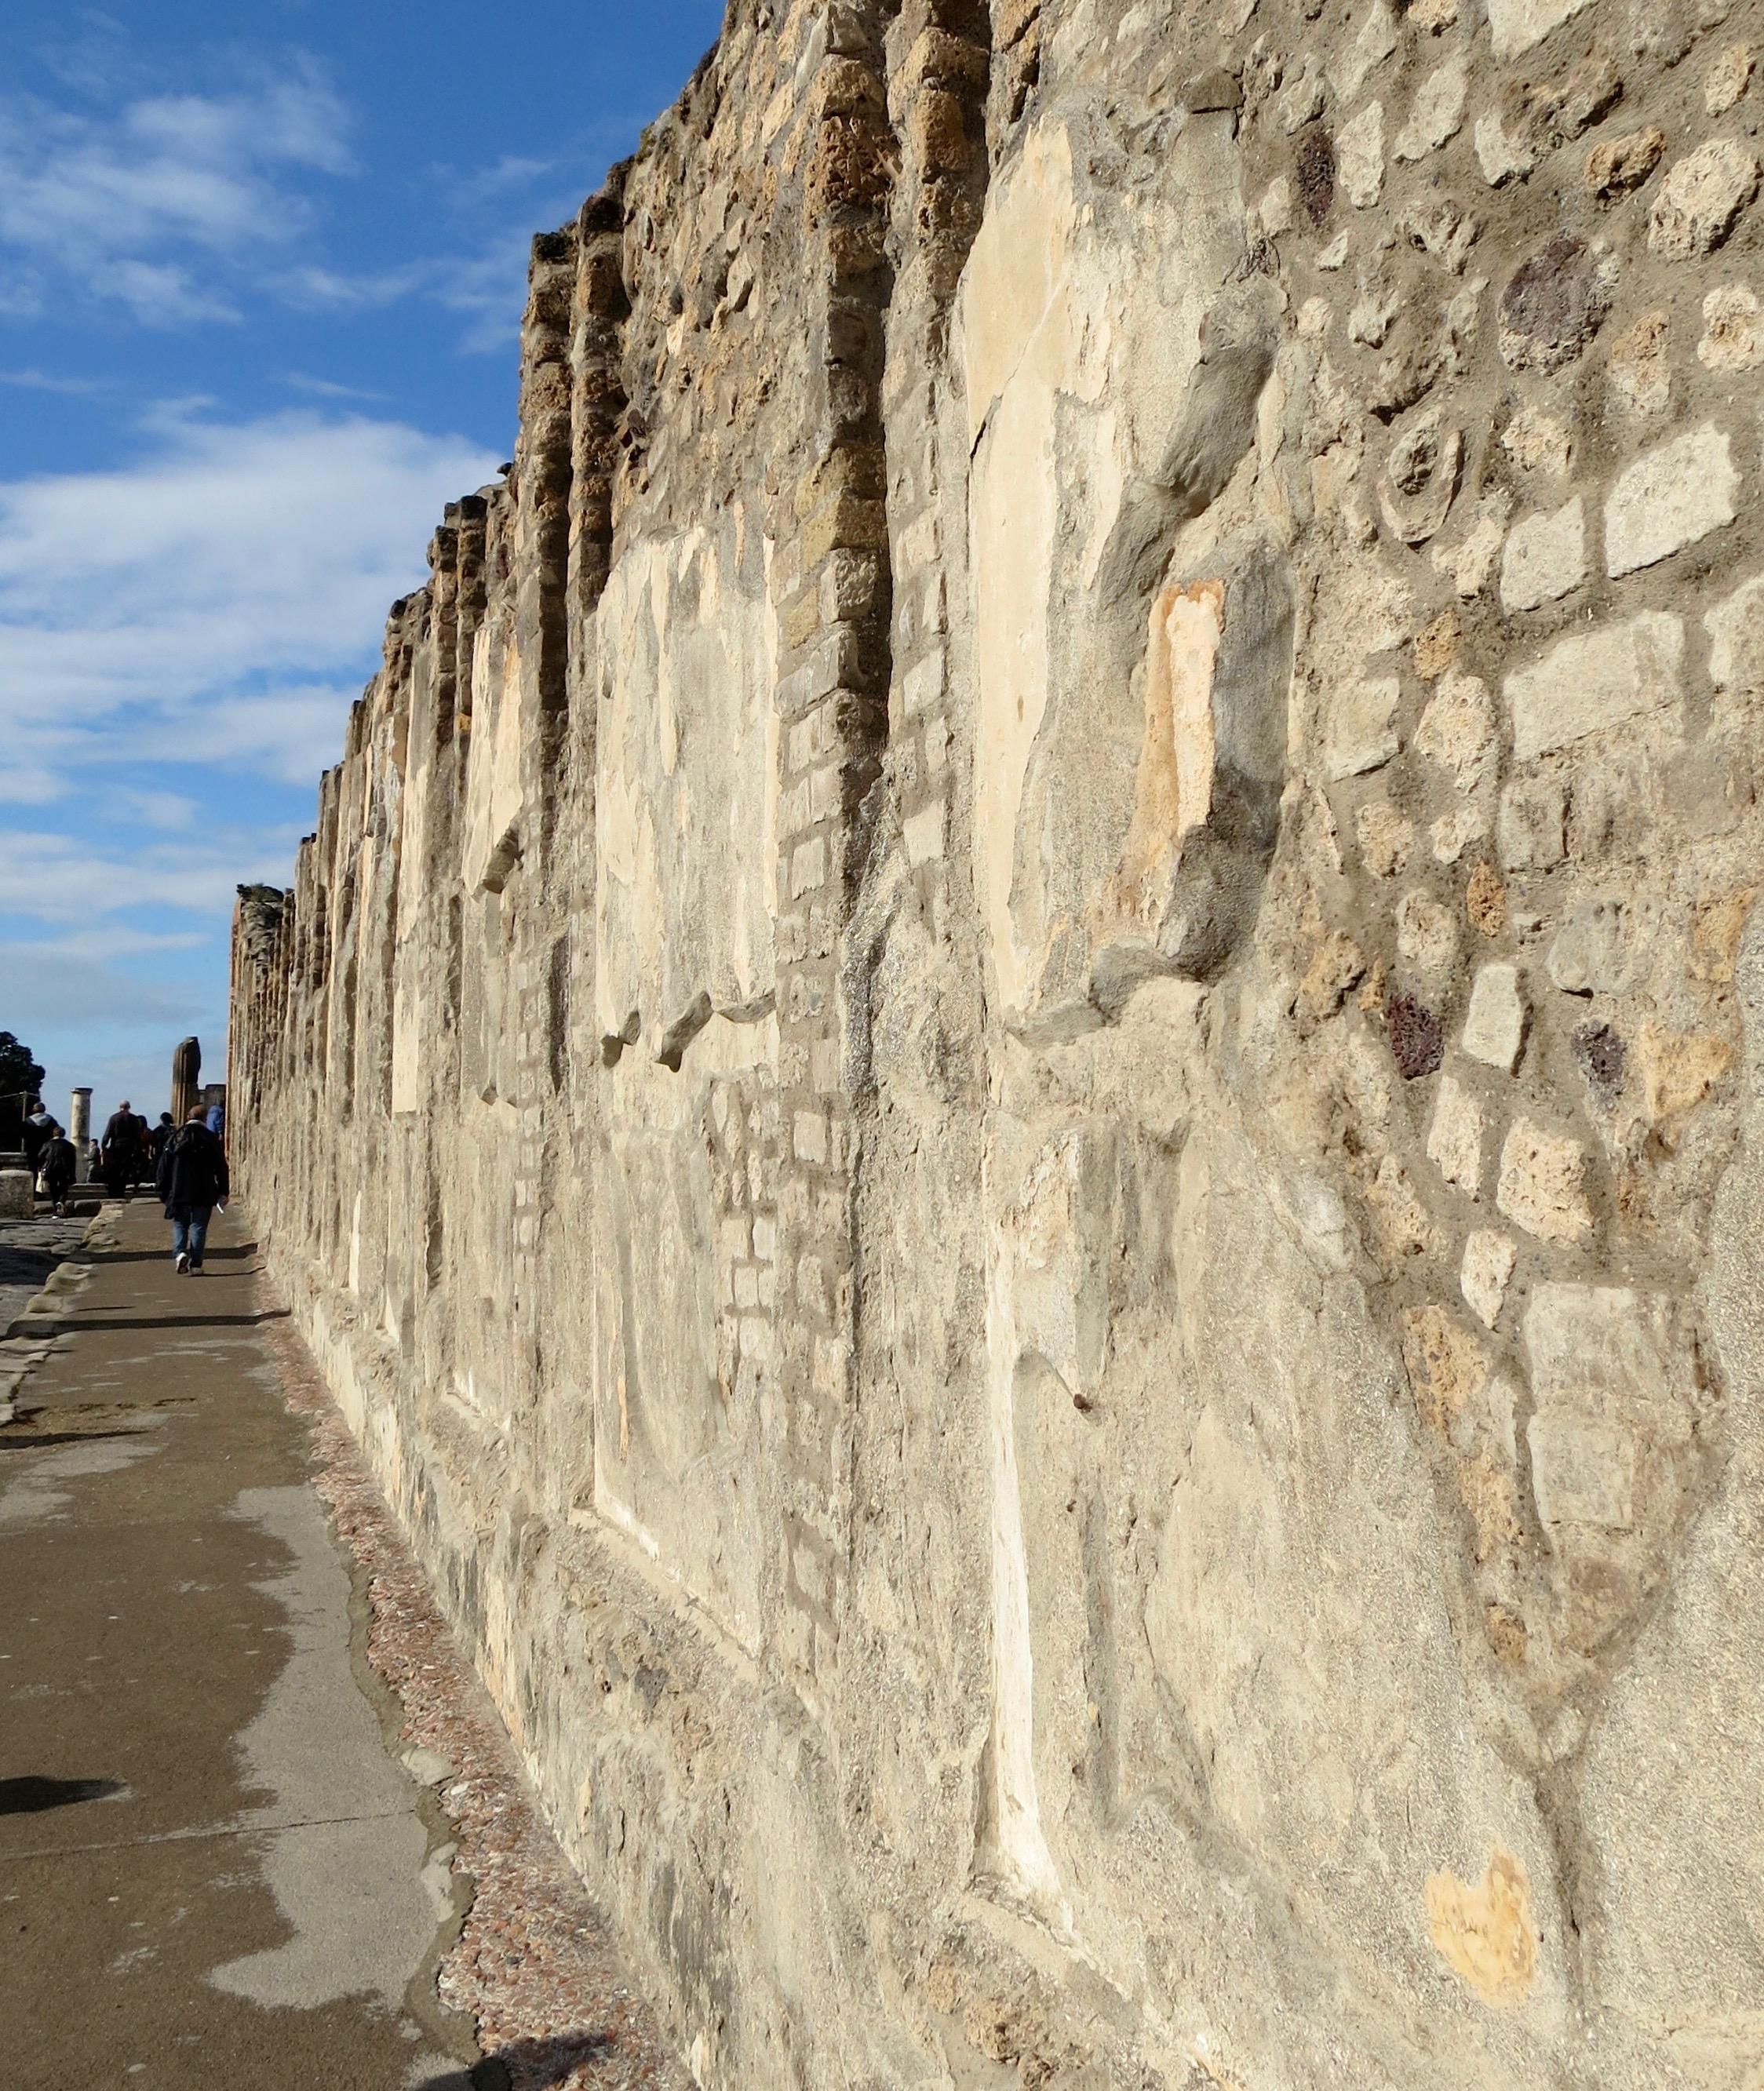 Street scene in Pompeii